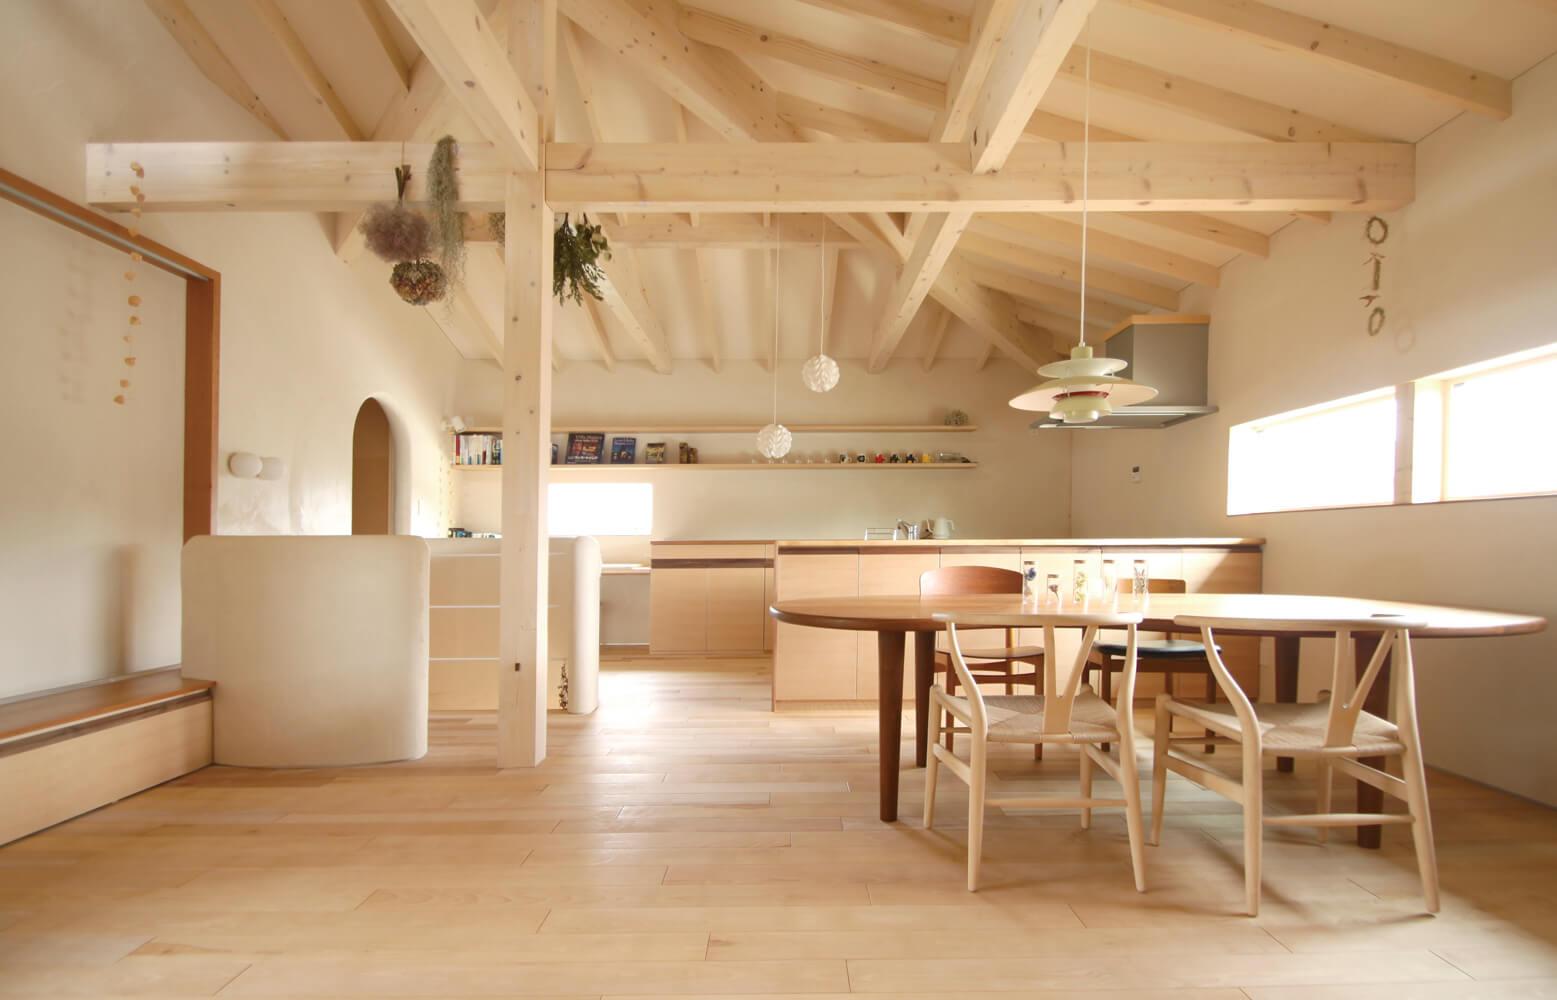 梁や大黒柱など、職人の丁寧な仕事がうかがえる2階LDKは、自然素材の心地よさが伝わってくる。床はカバの無垢材を使用